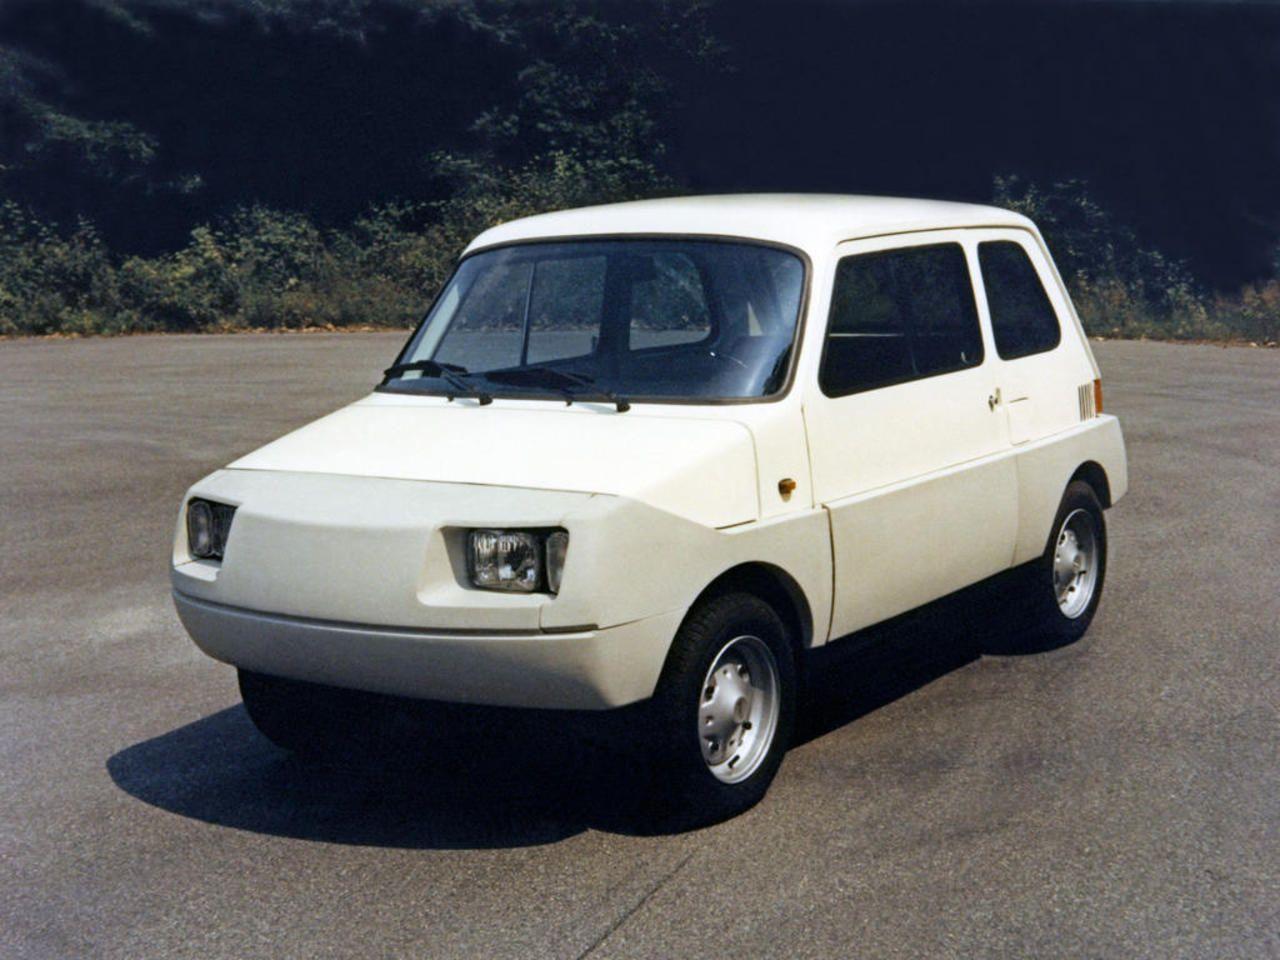 Richard Sapper X 126 Softnose 1974 Concept Cars Vintage Fiat Fiat 126